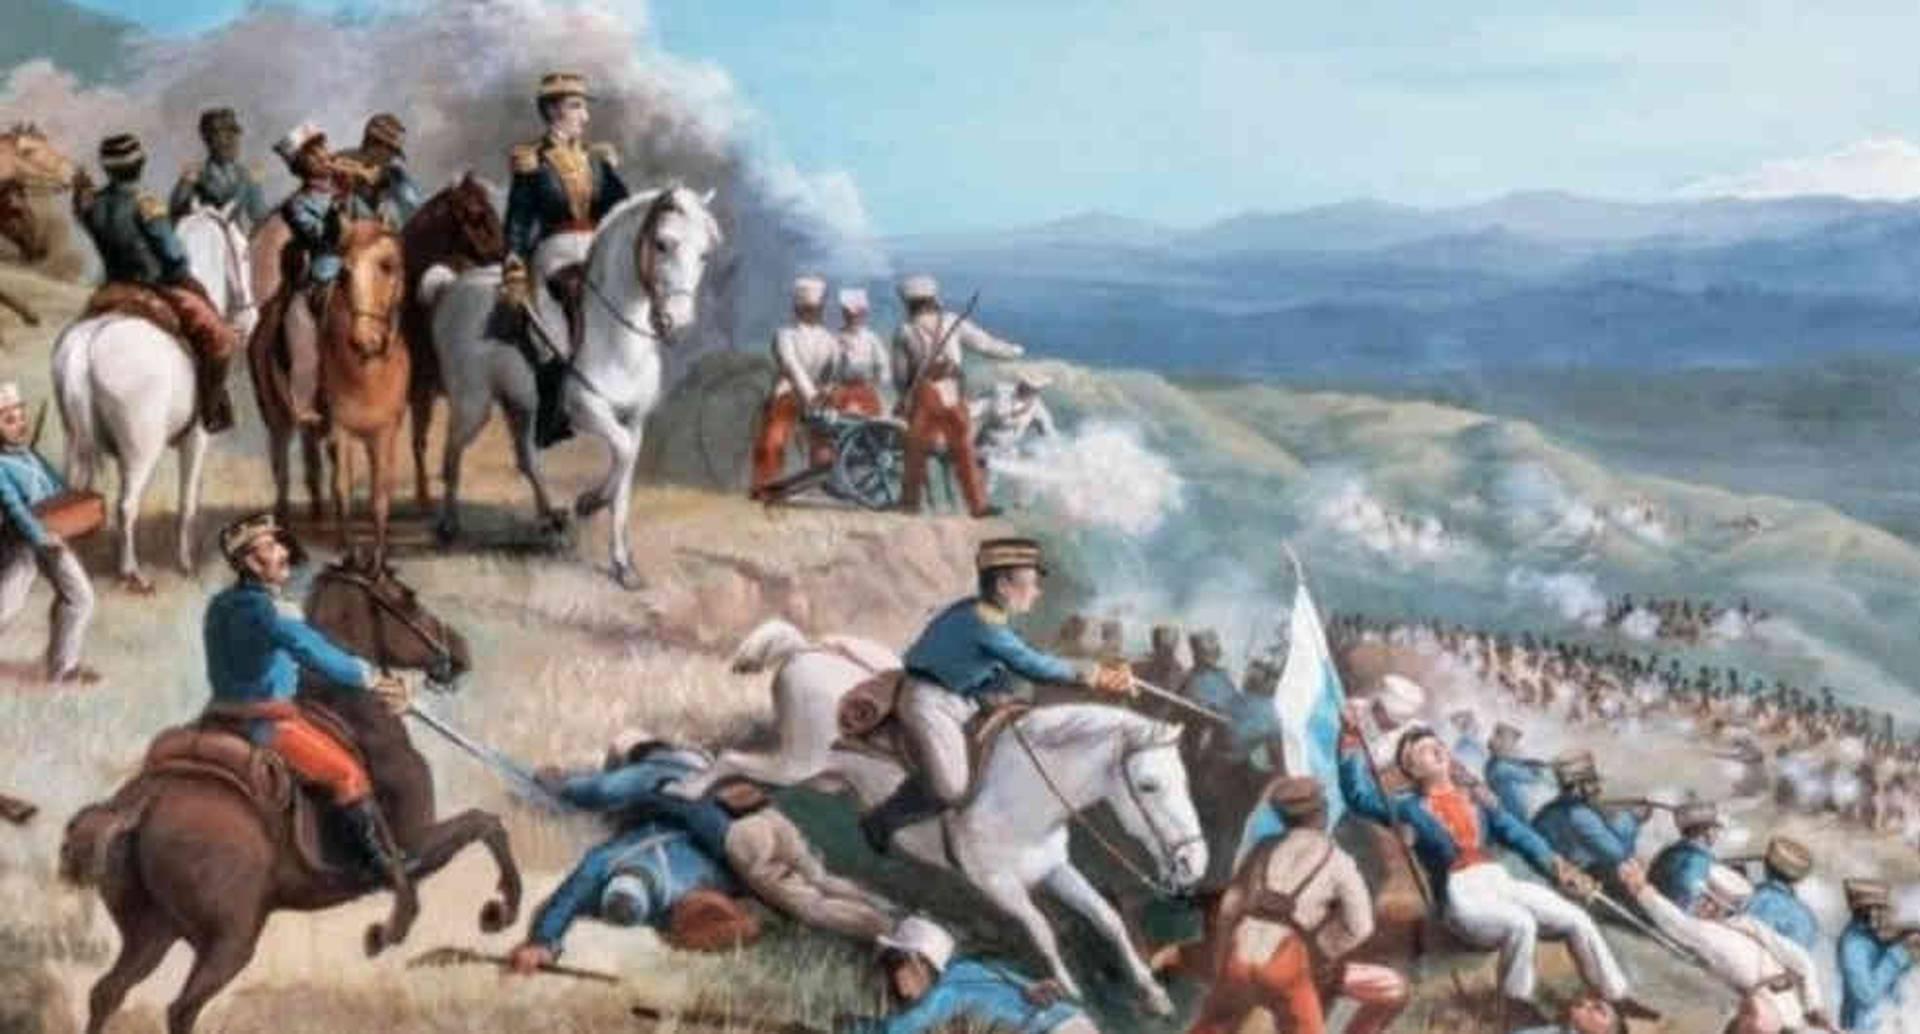 Las tropas de Bolívar y las milicias realistas del pastuso Agustín Agualongo no solo se enfrentaron en Pasto, también en territorios que después conformarían Ecuador.